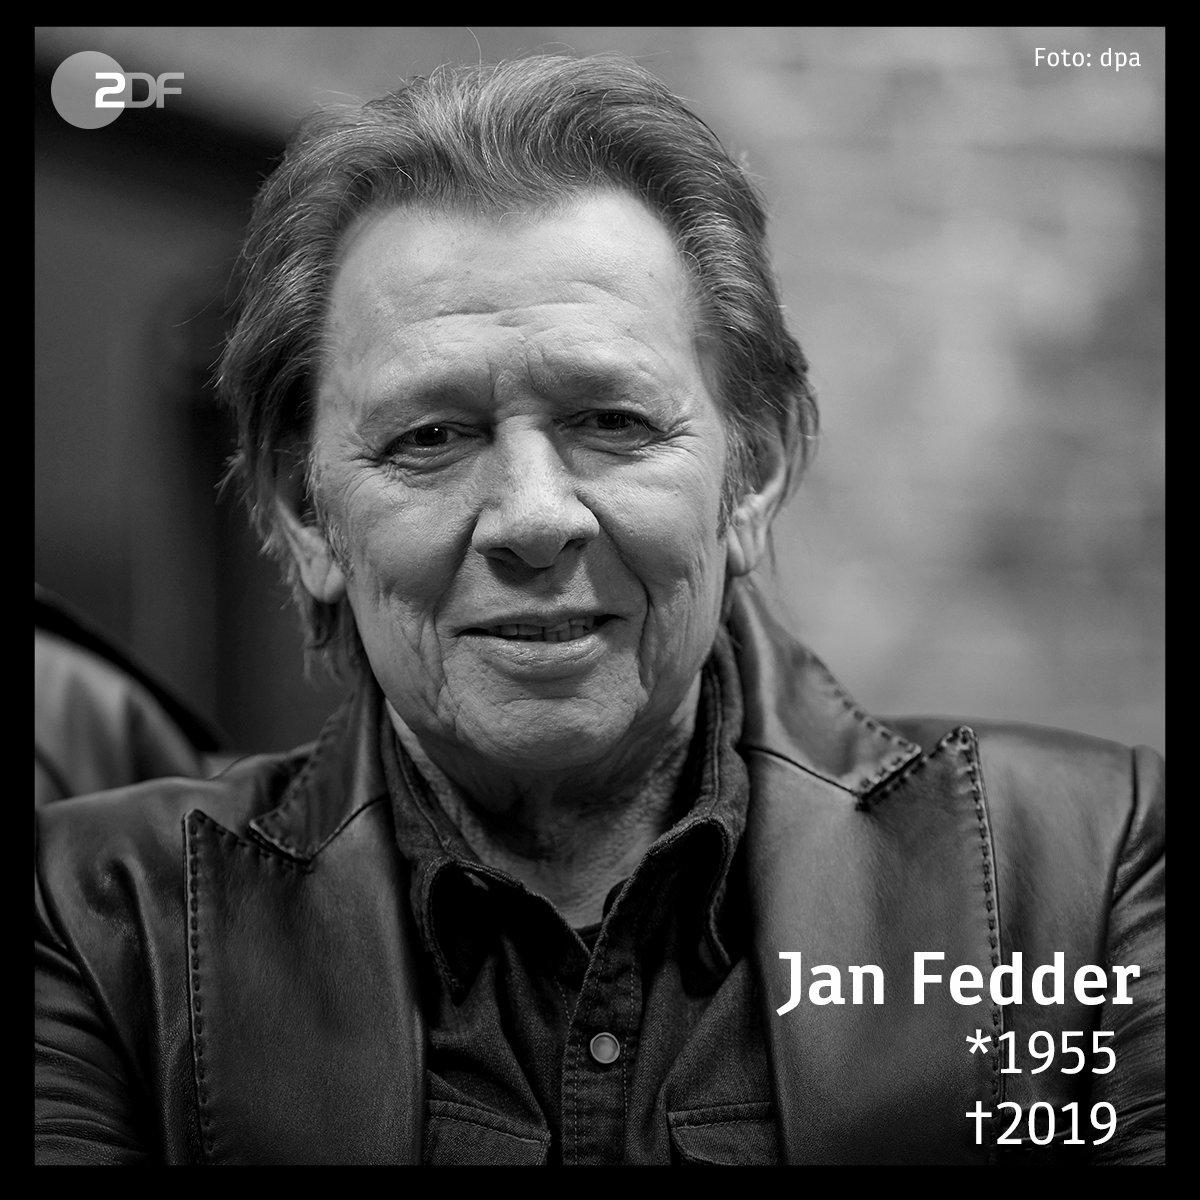 #JanFedder